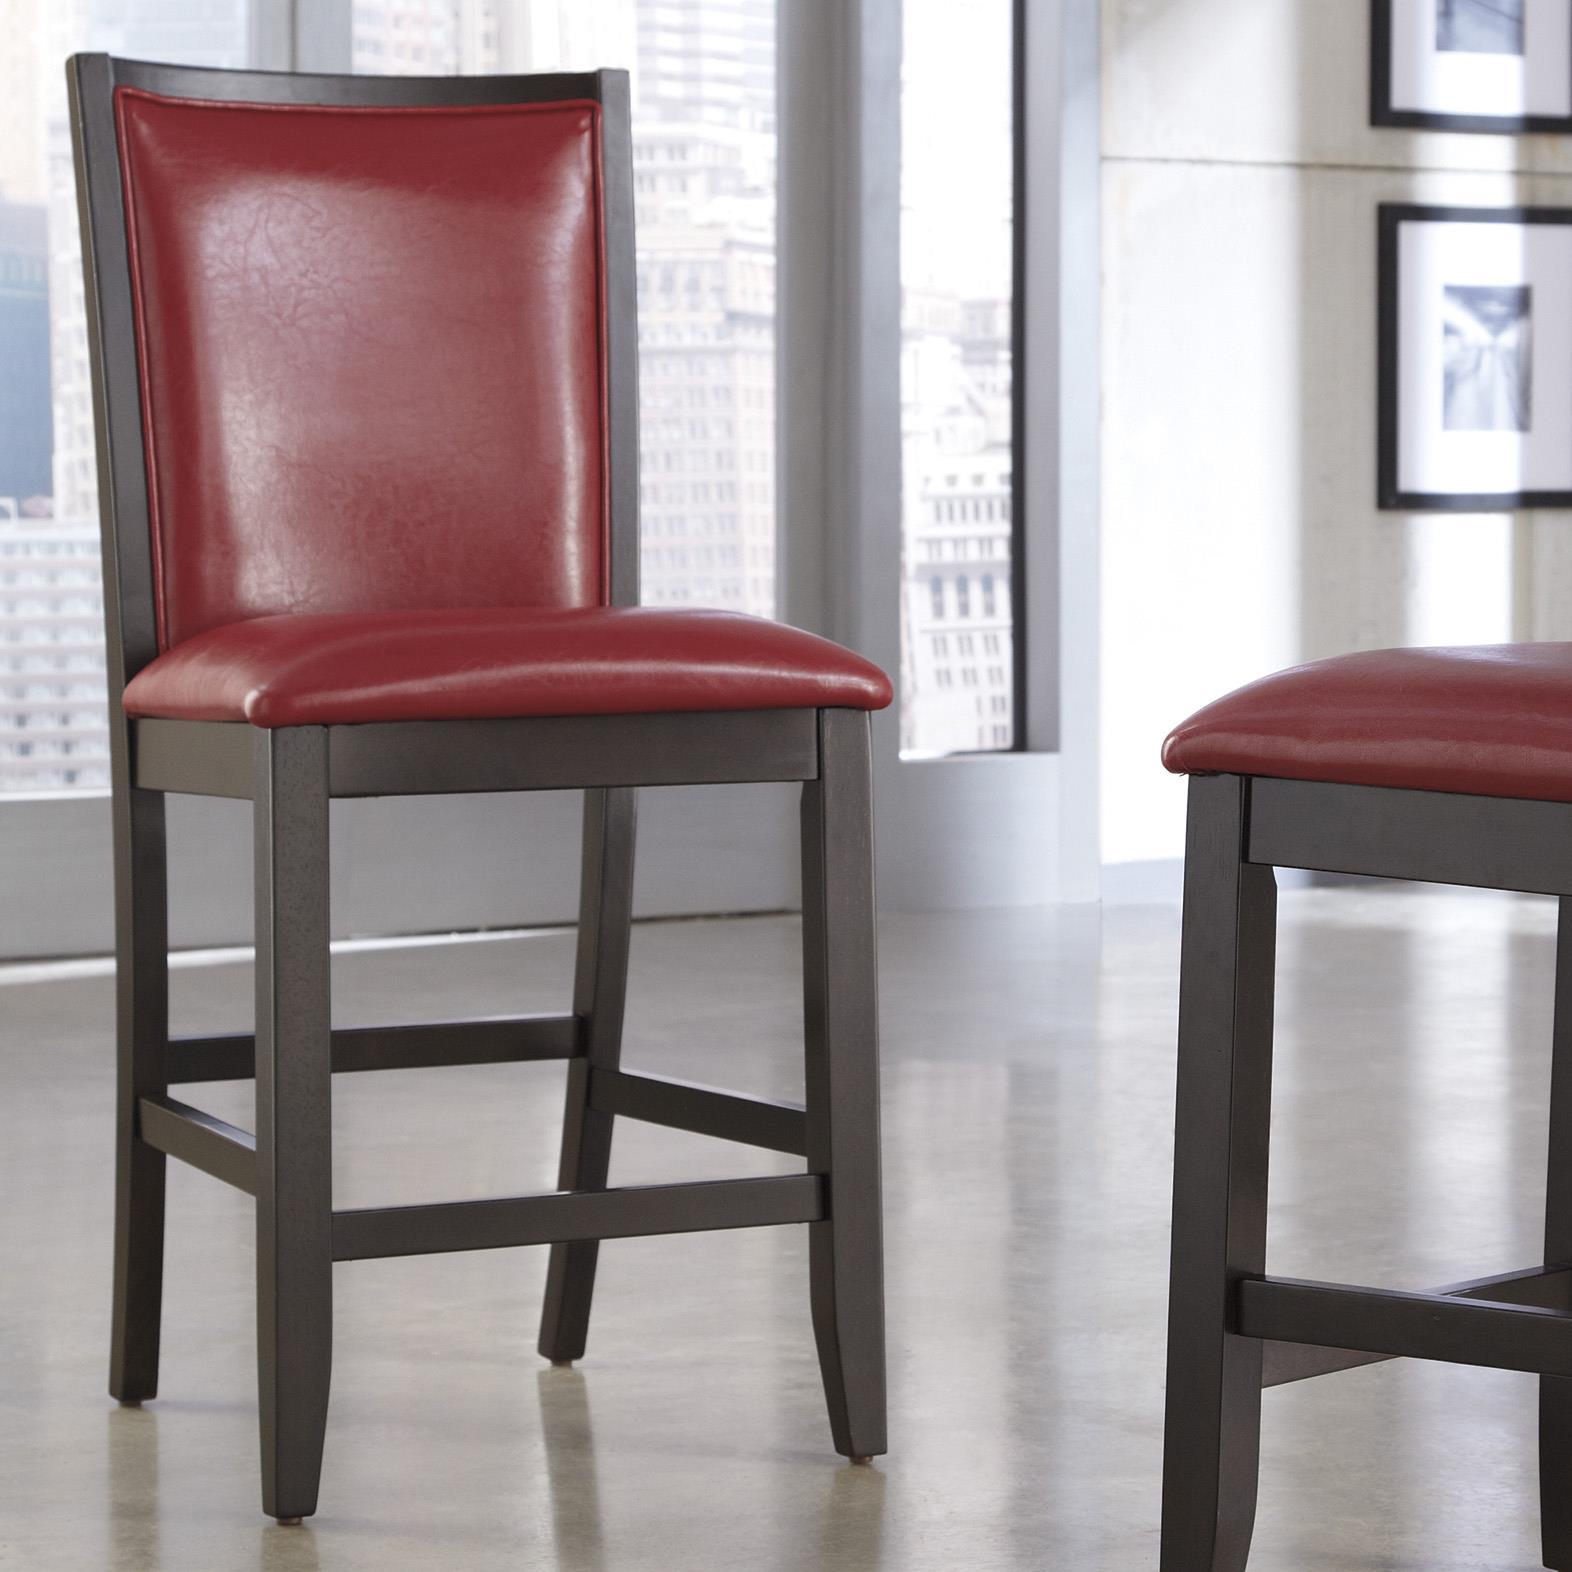 Ashley Furniture Trishelle Upholstered Barstool - Item Number: D550-424